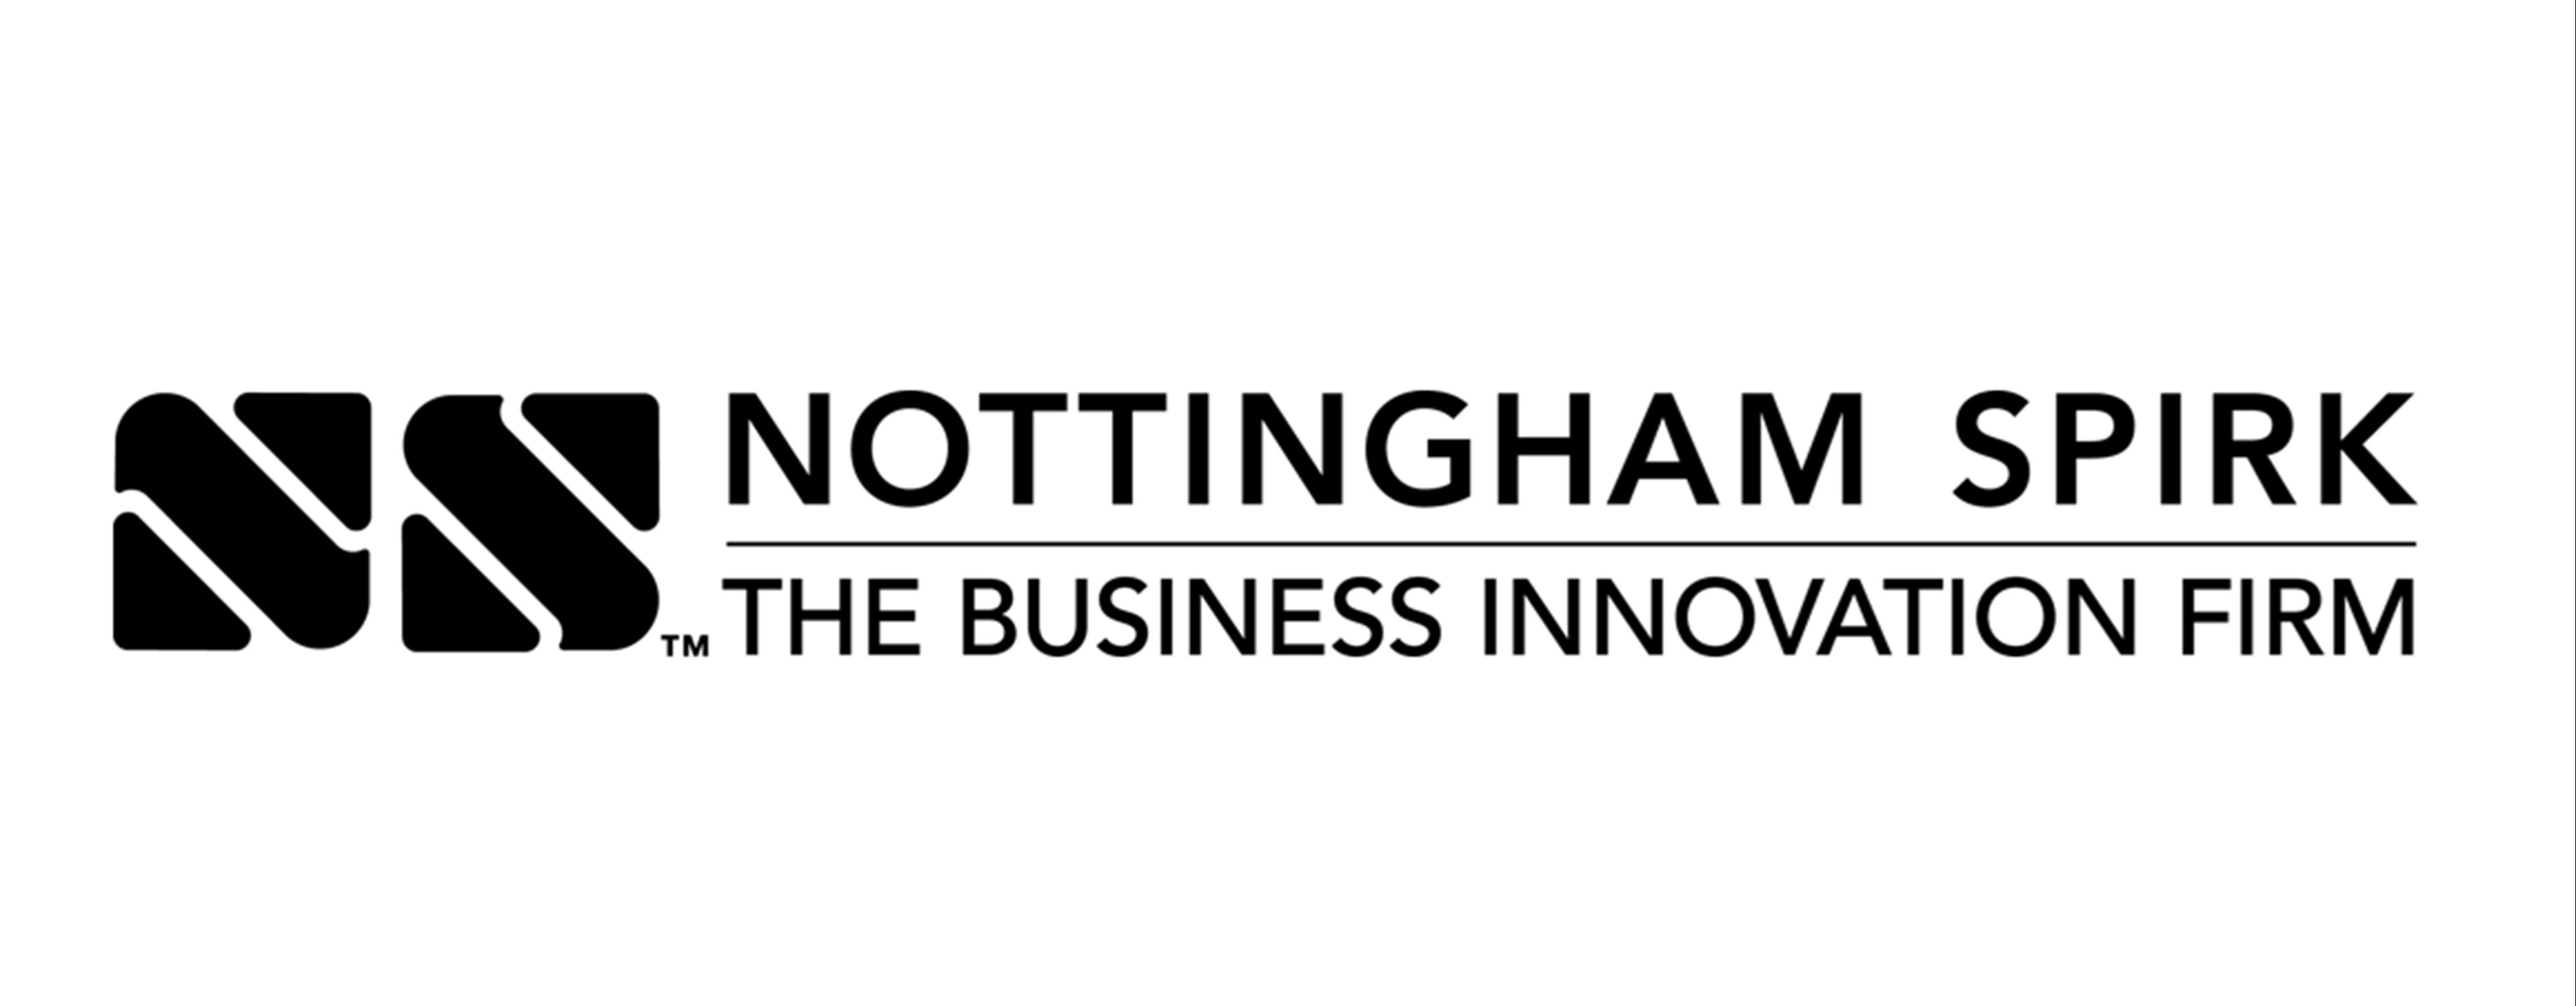 Nottingham Spirk logo